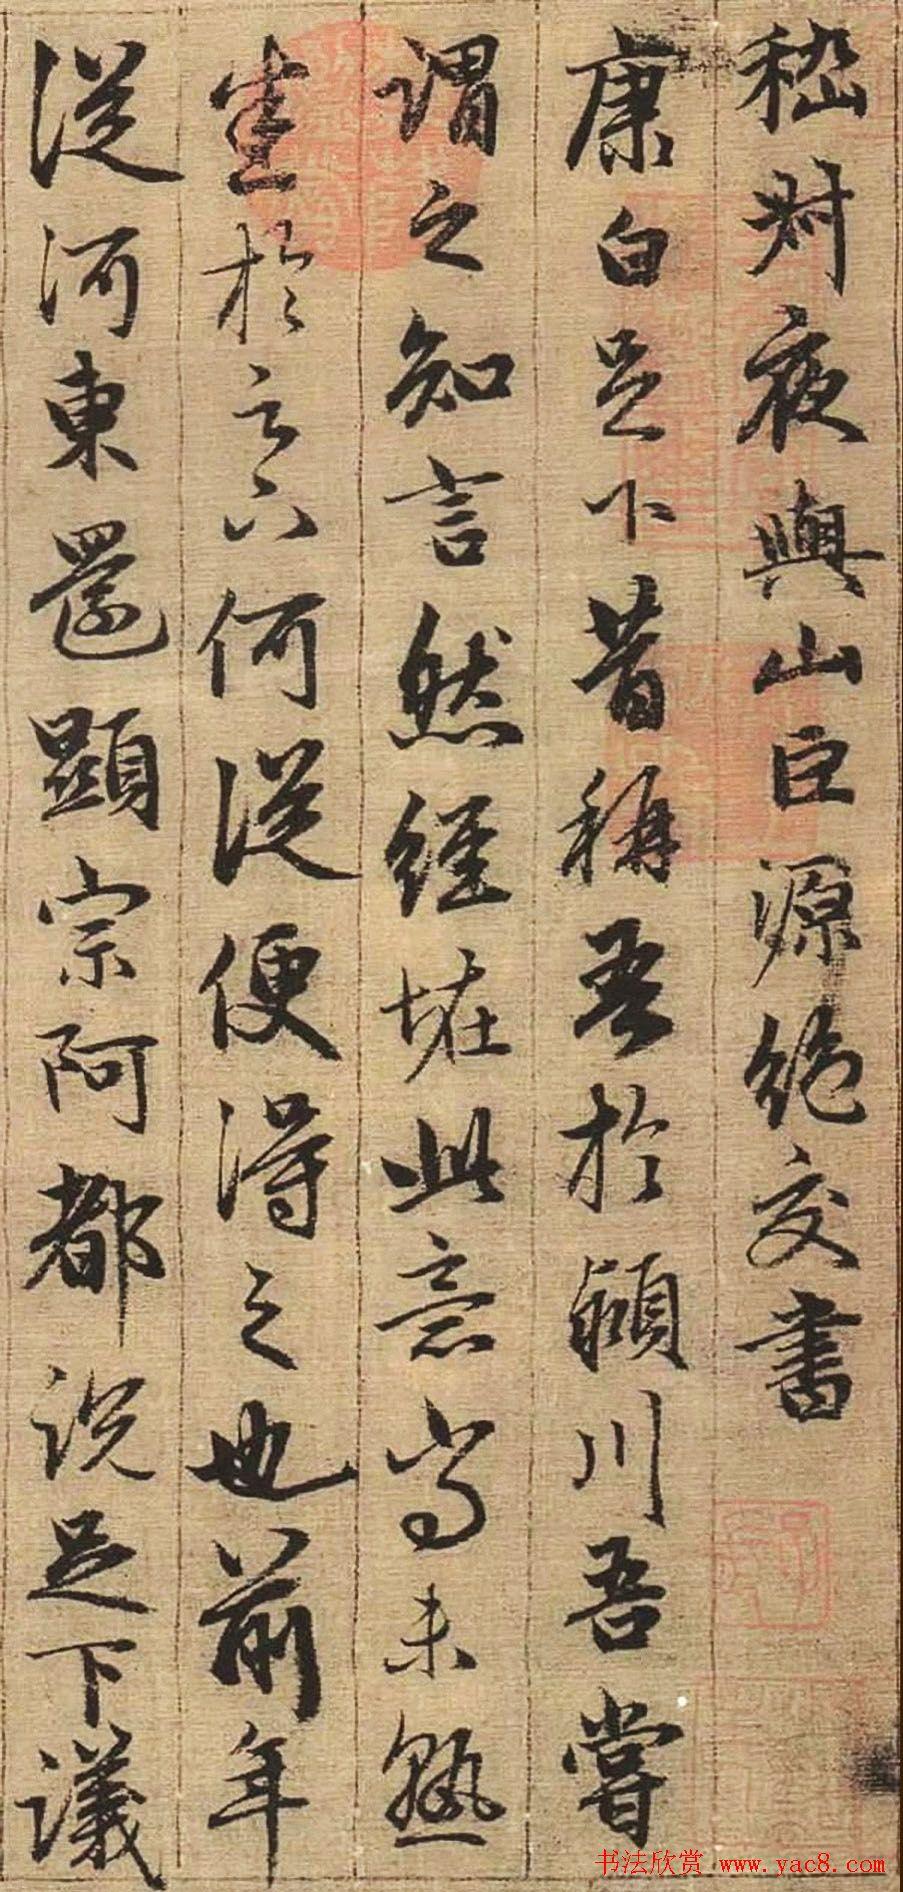 赵孟頫书法欣赏 与山巨源绝交书